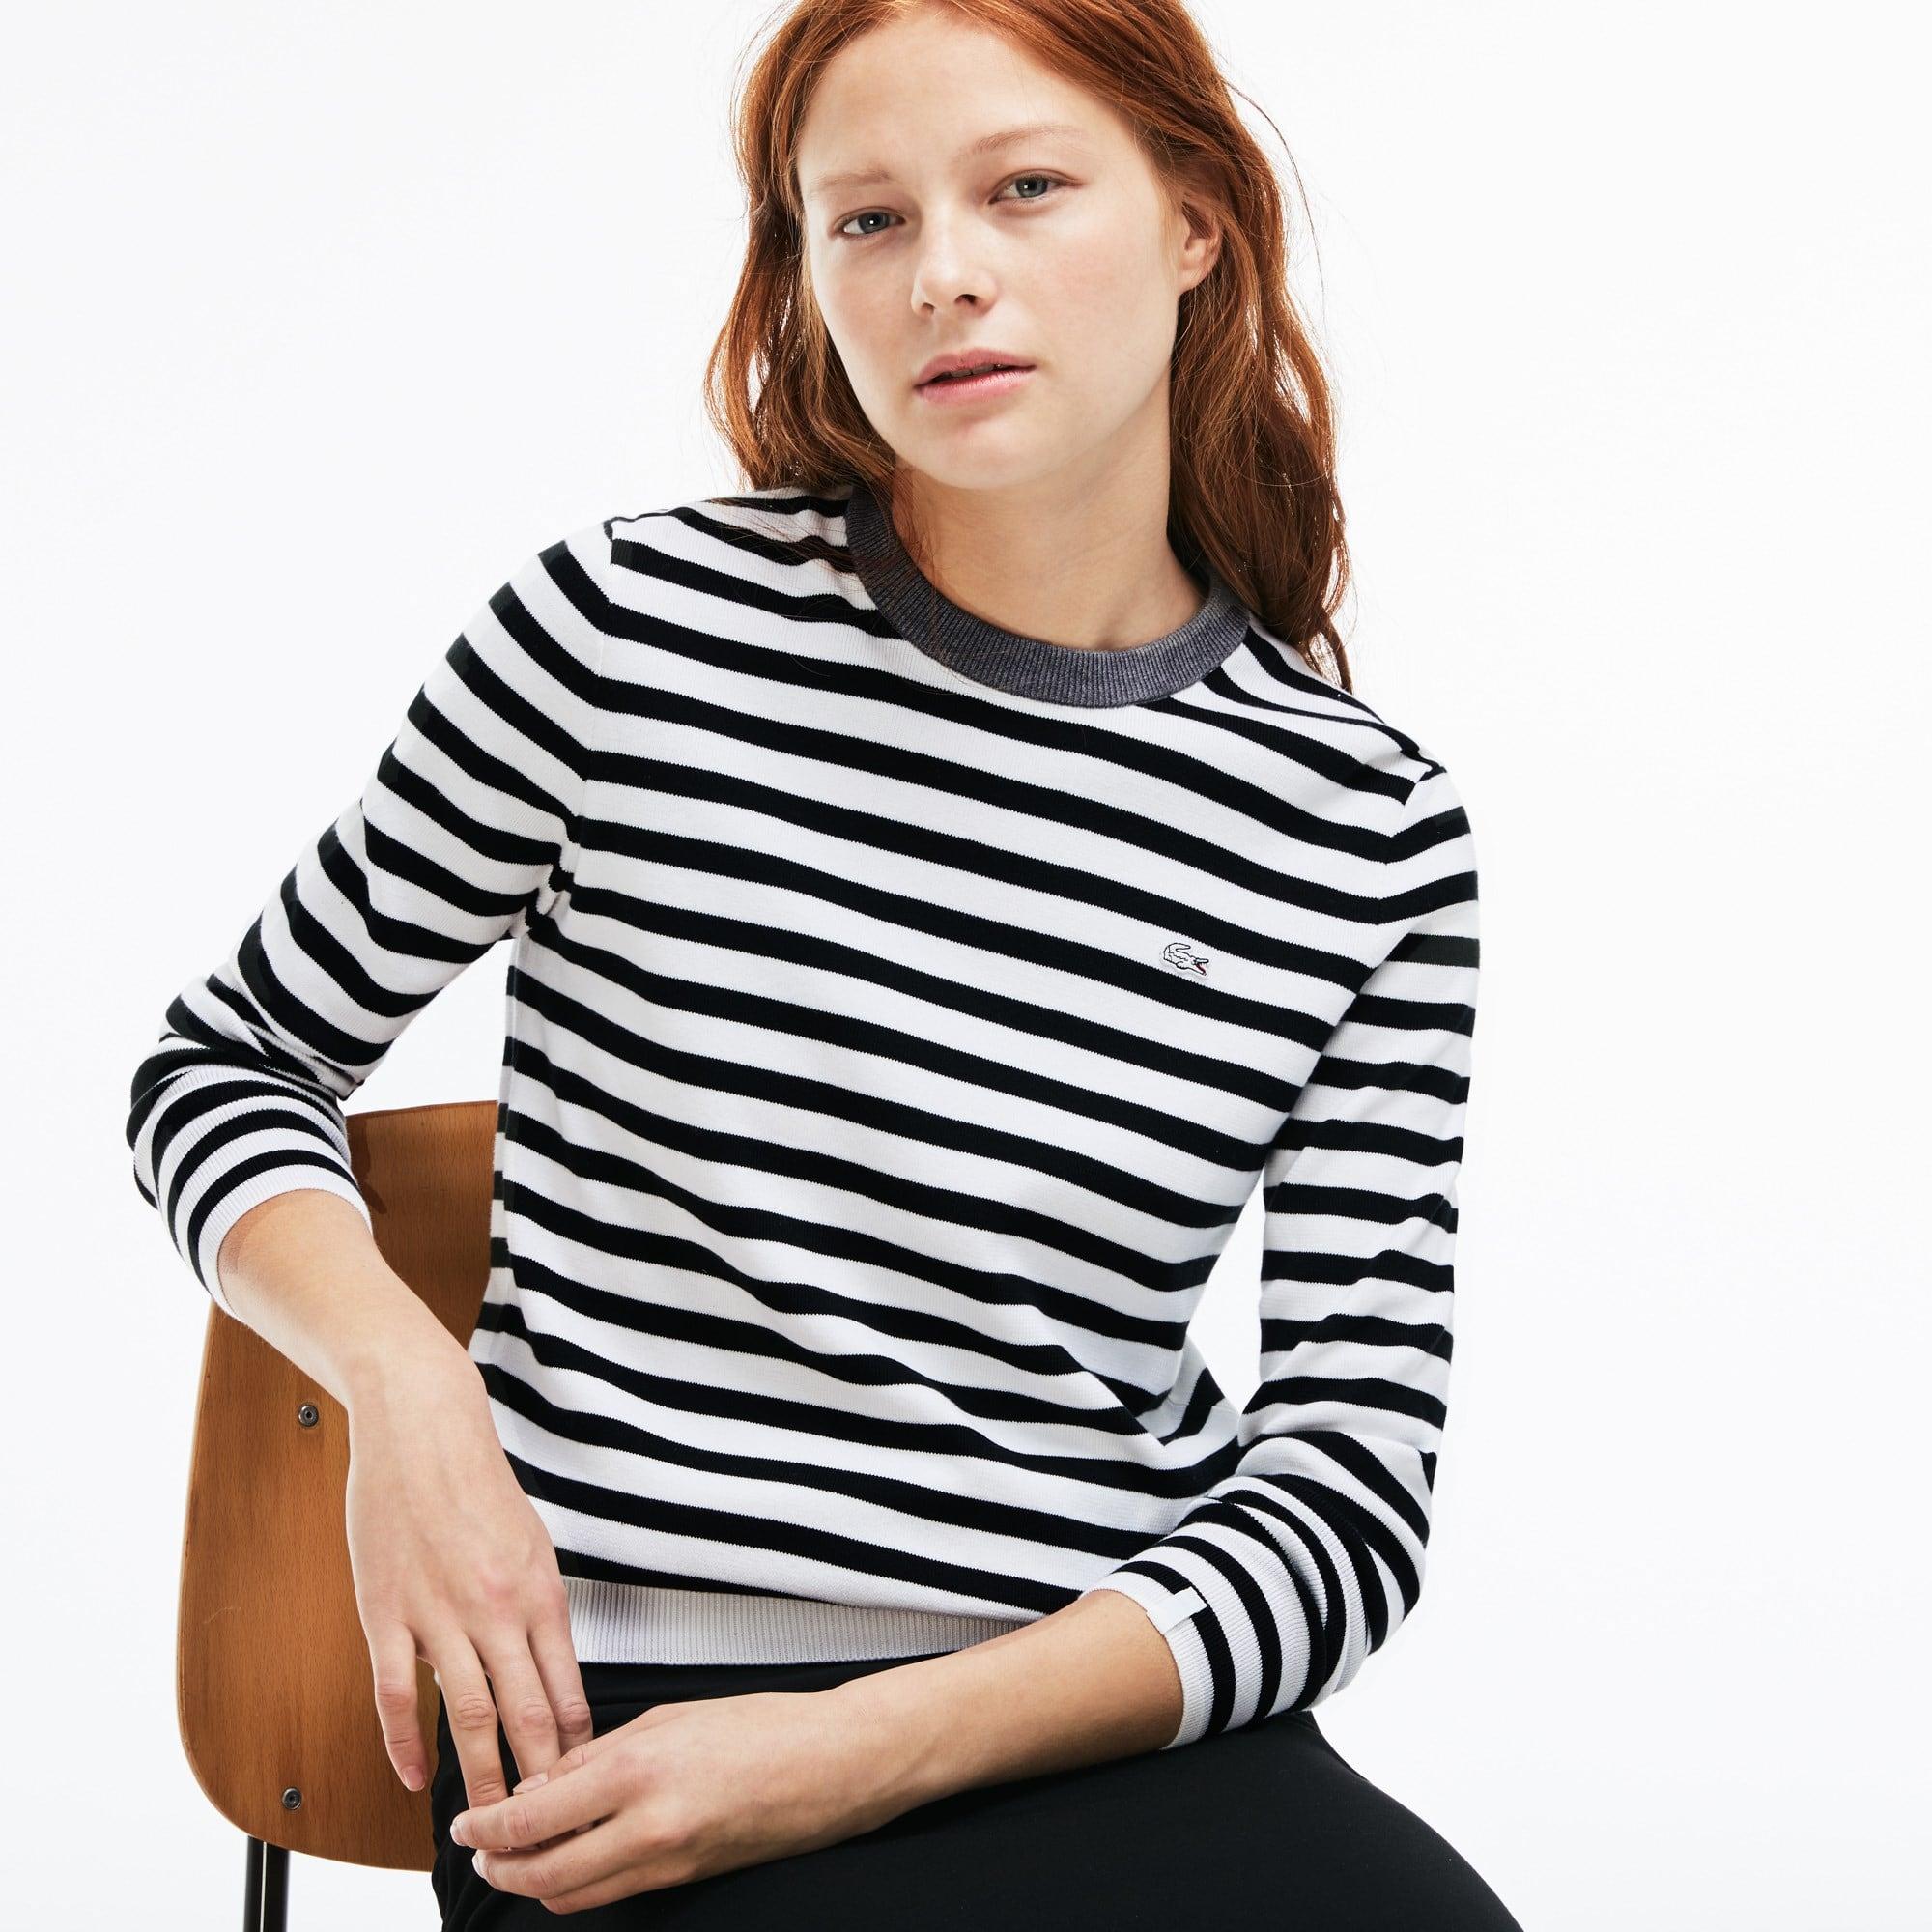 Damen-Rundhalspullover aus gestreifter Baumwolle LACOSTE L!VE